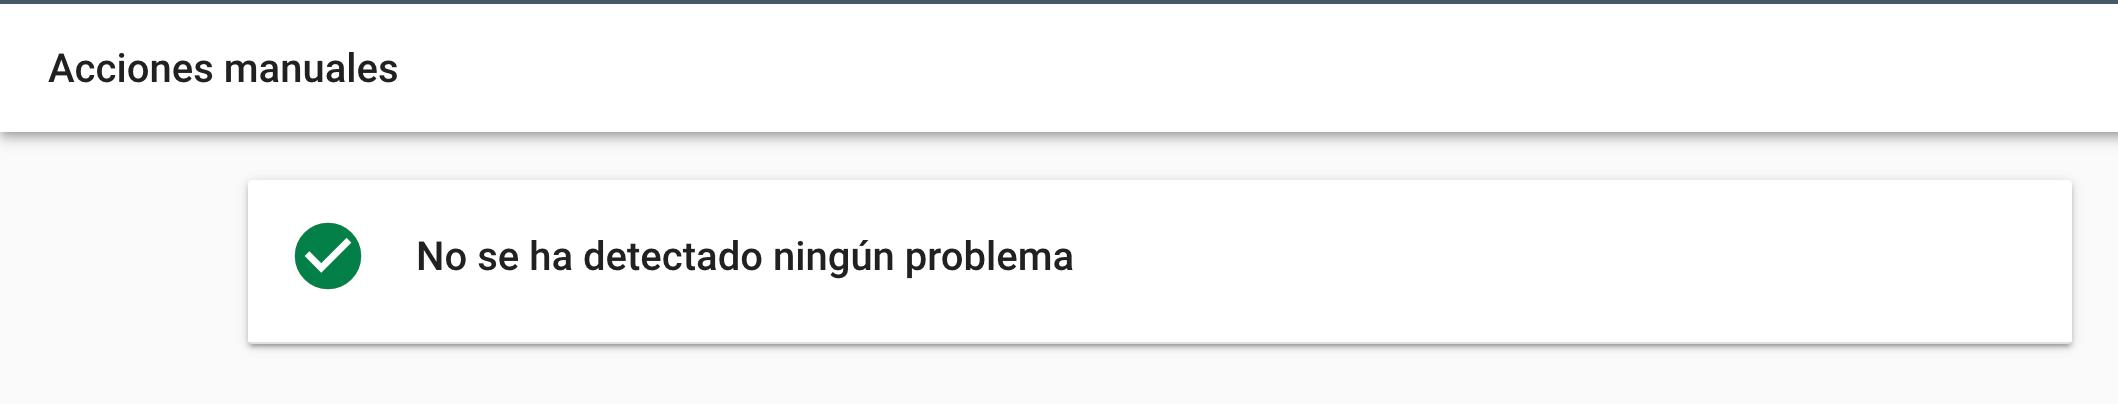 Google Search Console acciones manuales